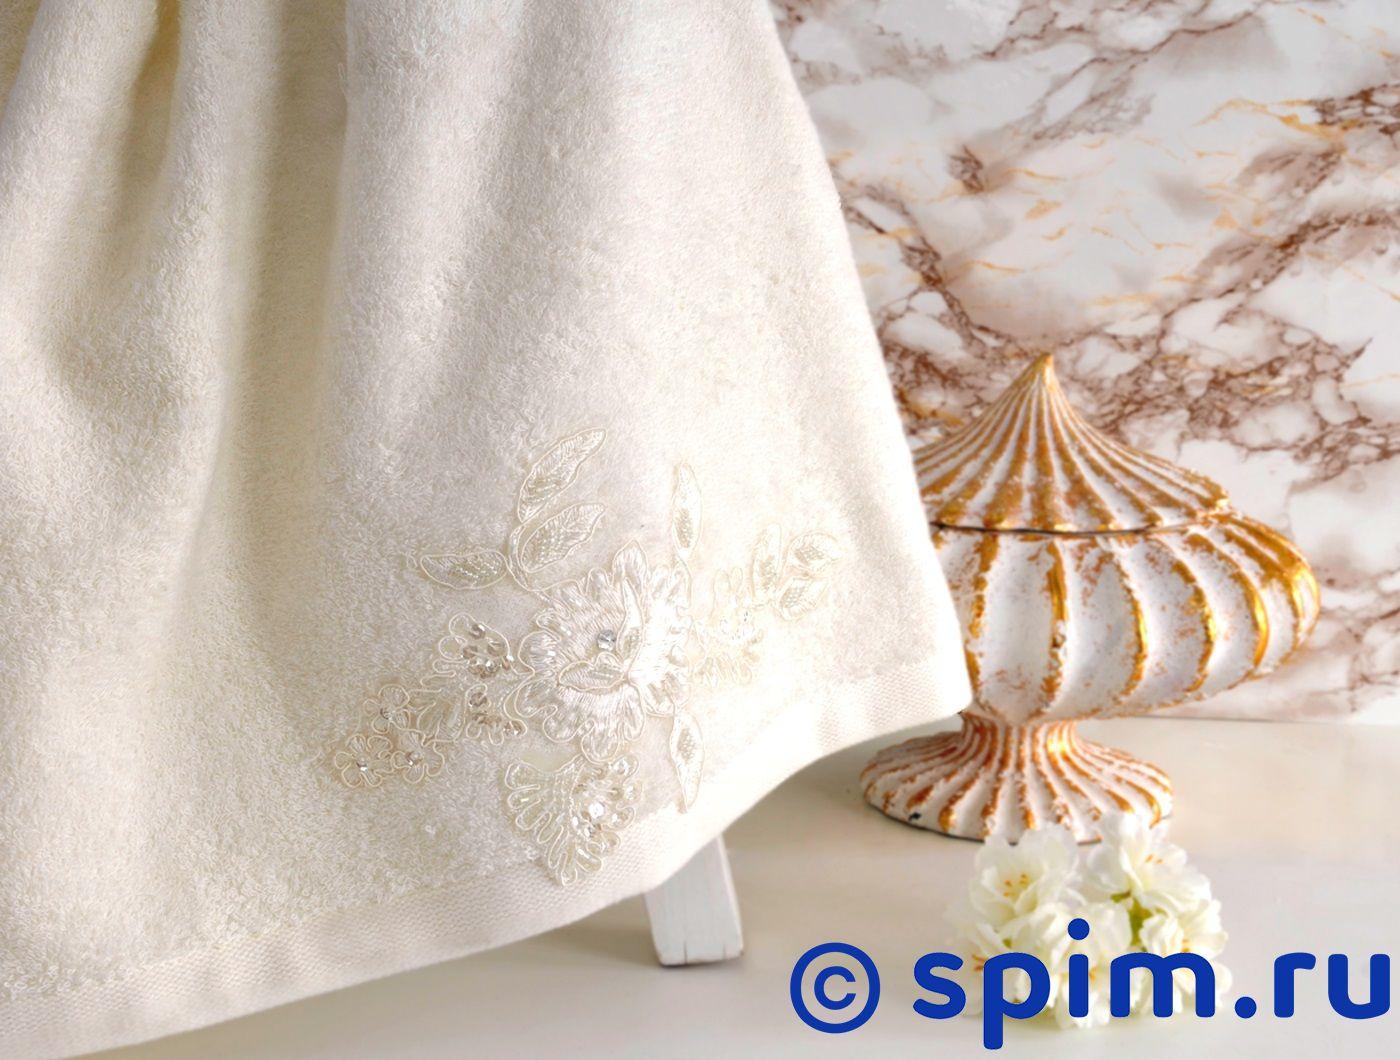 Полотенце Irya Show 70х140 см с гипюром, молочное